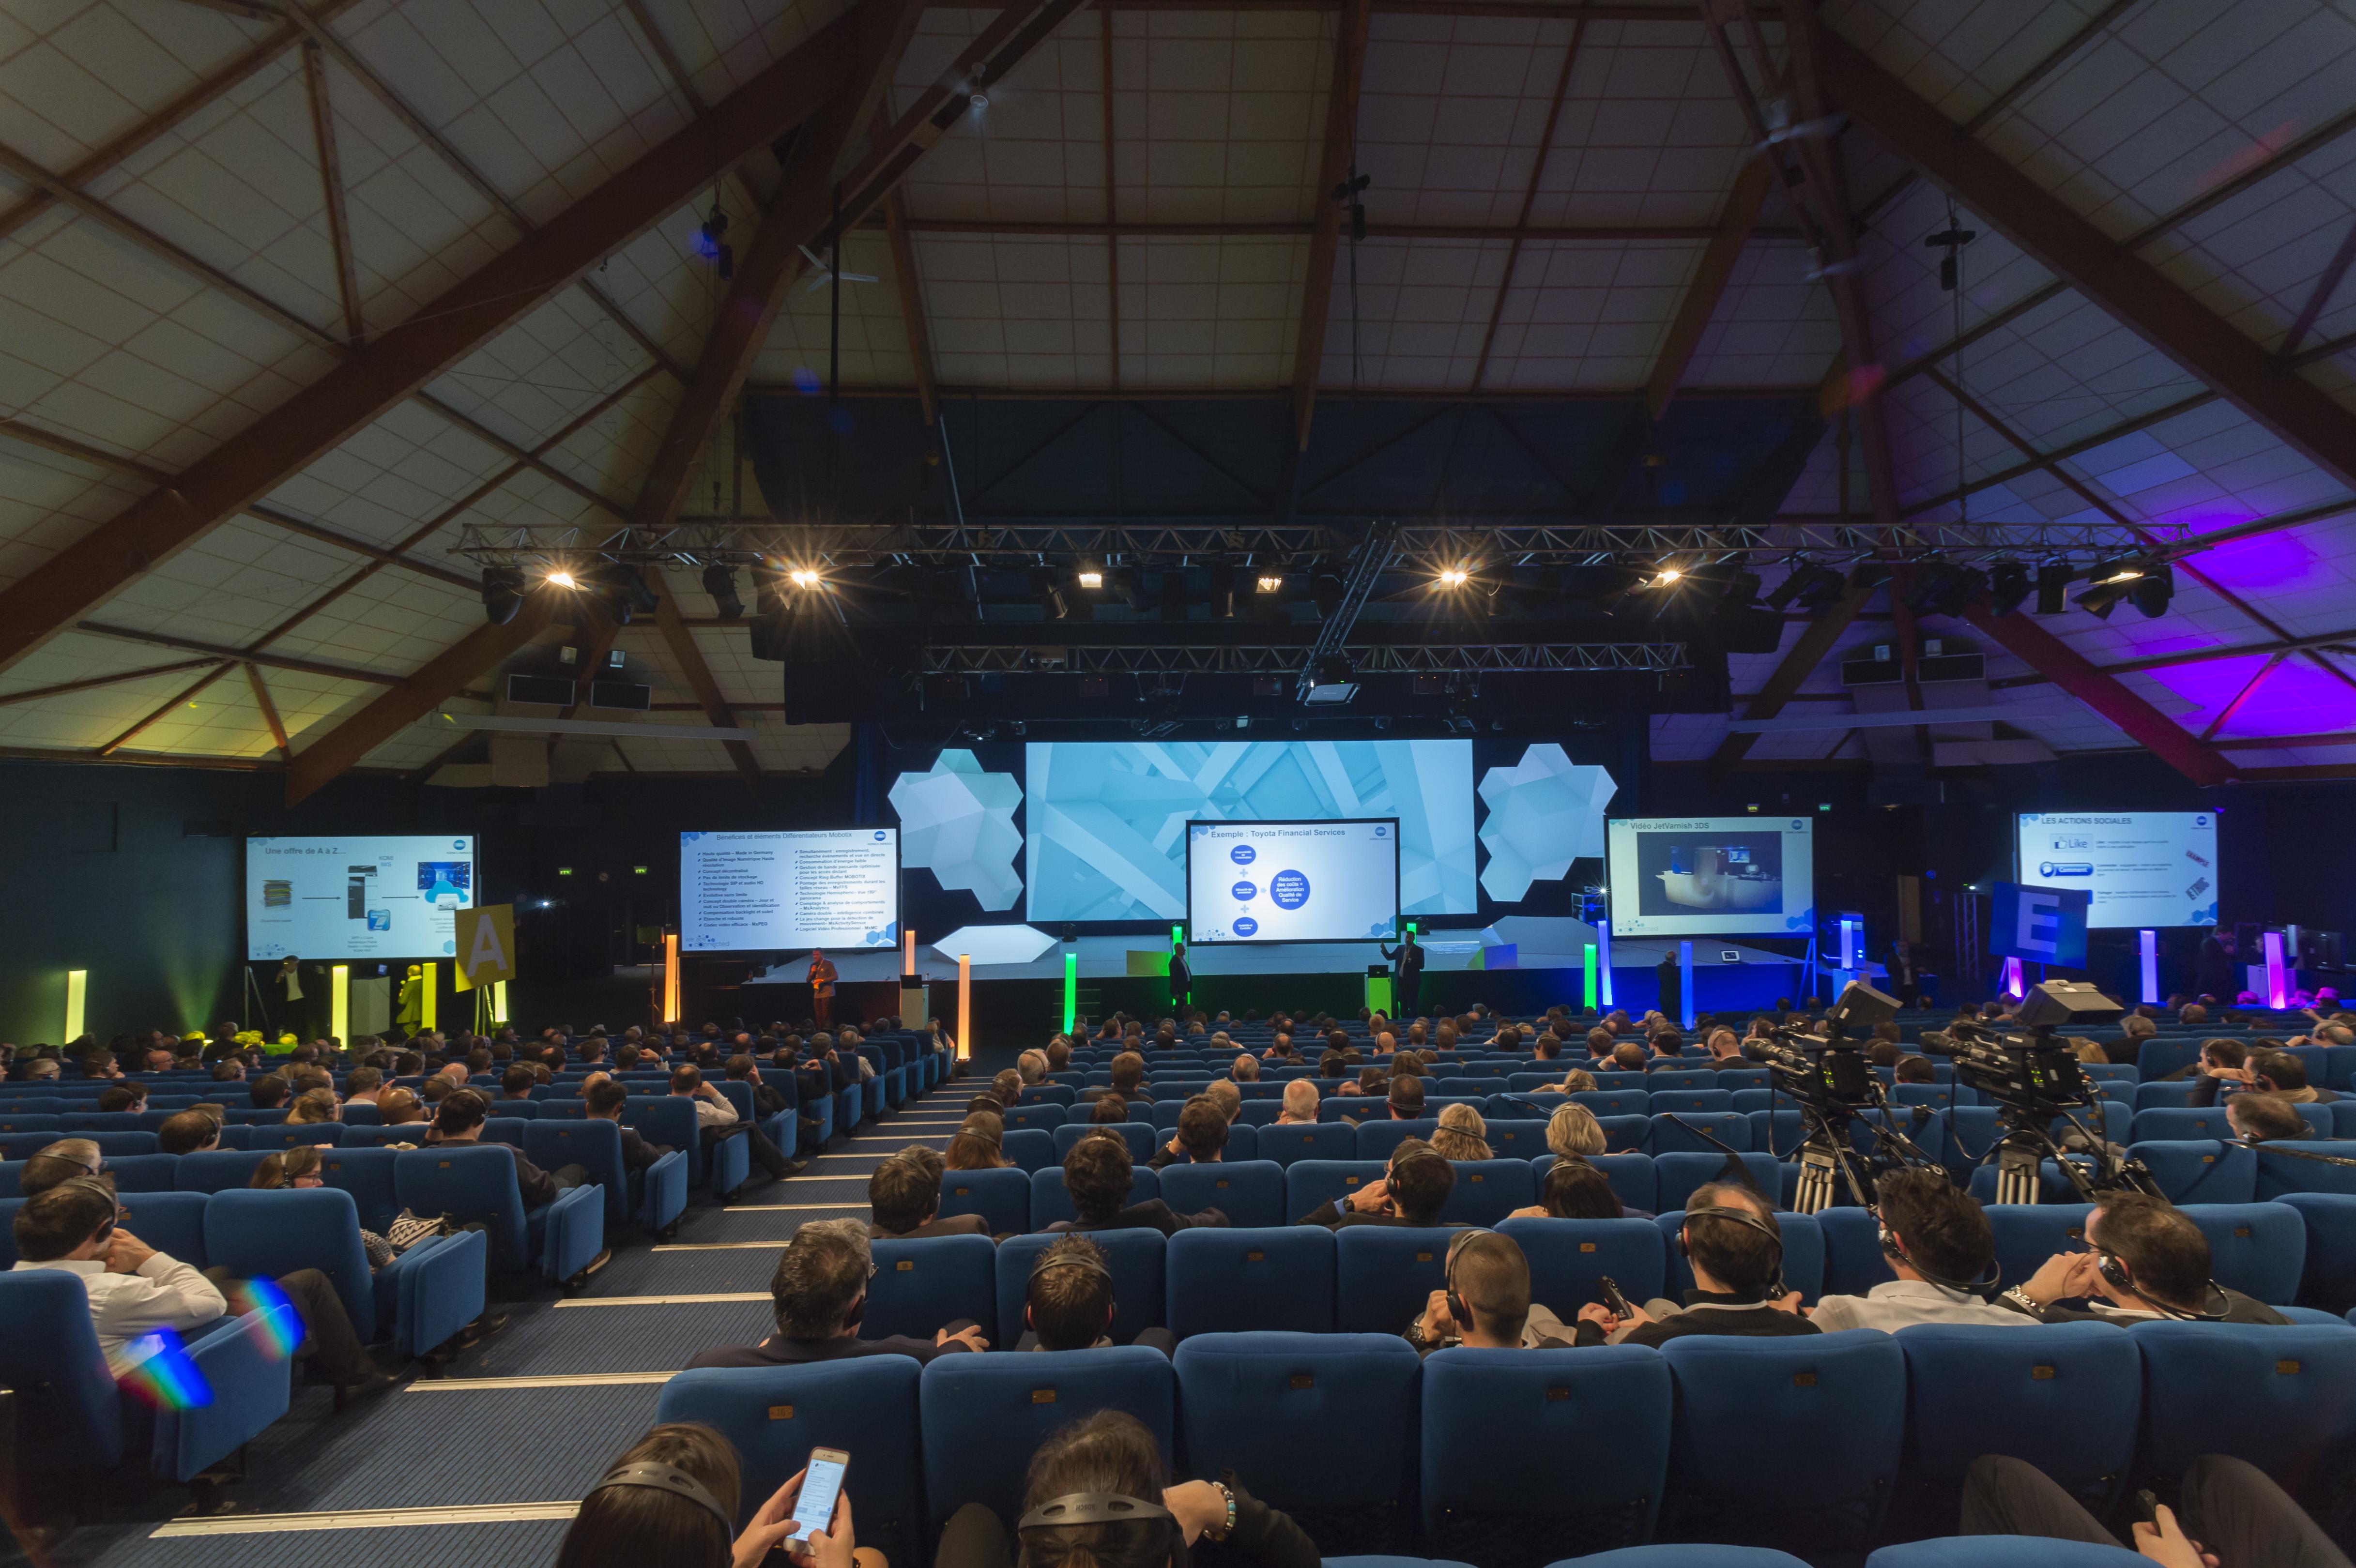 ComSquare-Convention-nationale-Konica-Minolta- LesPyramides-de-Port-Marly-aucop-technique-deco-© Laurent Guichardon